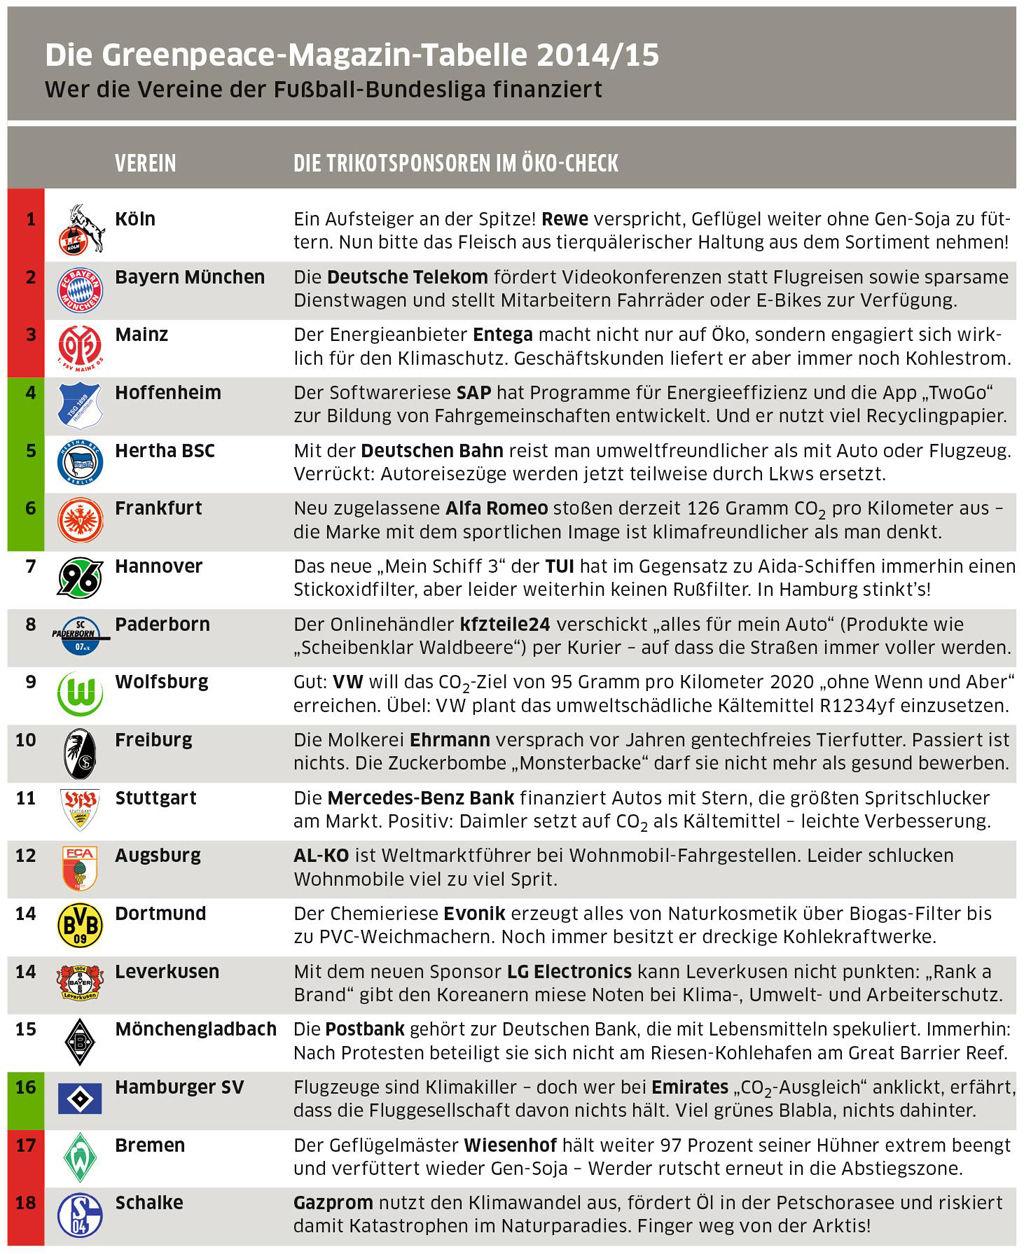 Bundesliga Tabelle Des Greenpeace Magazins